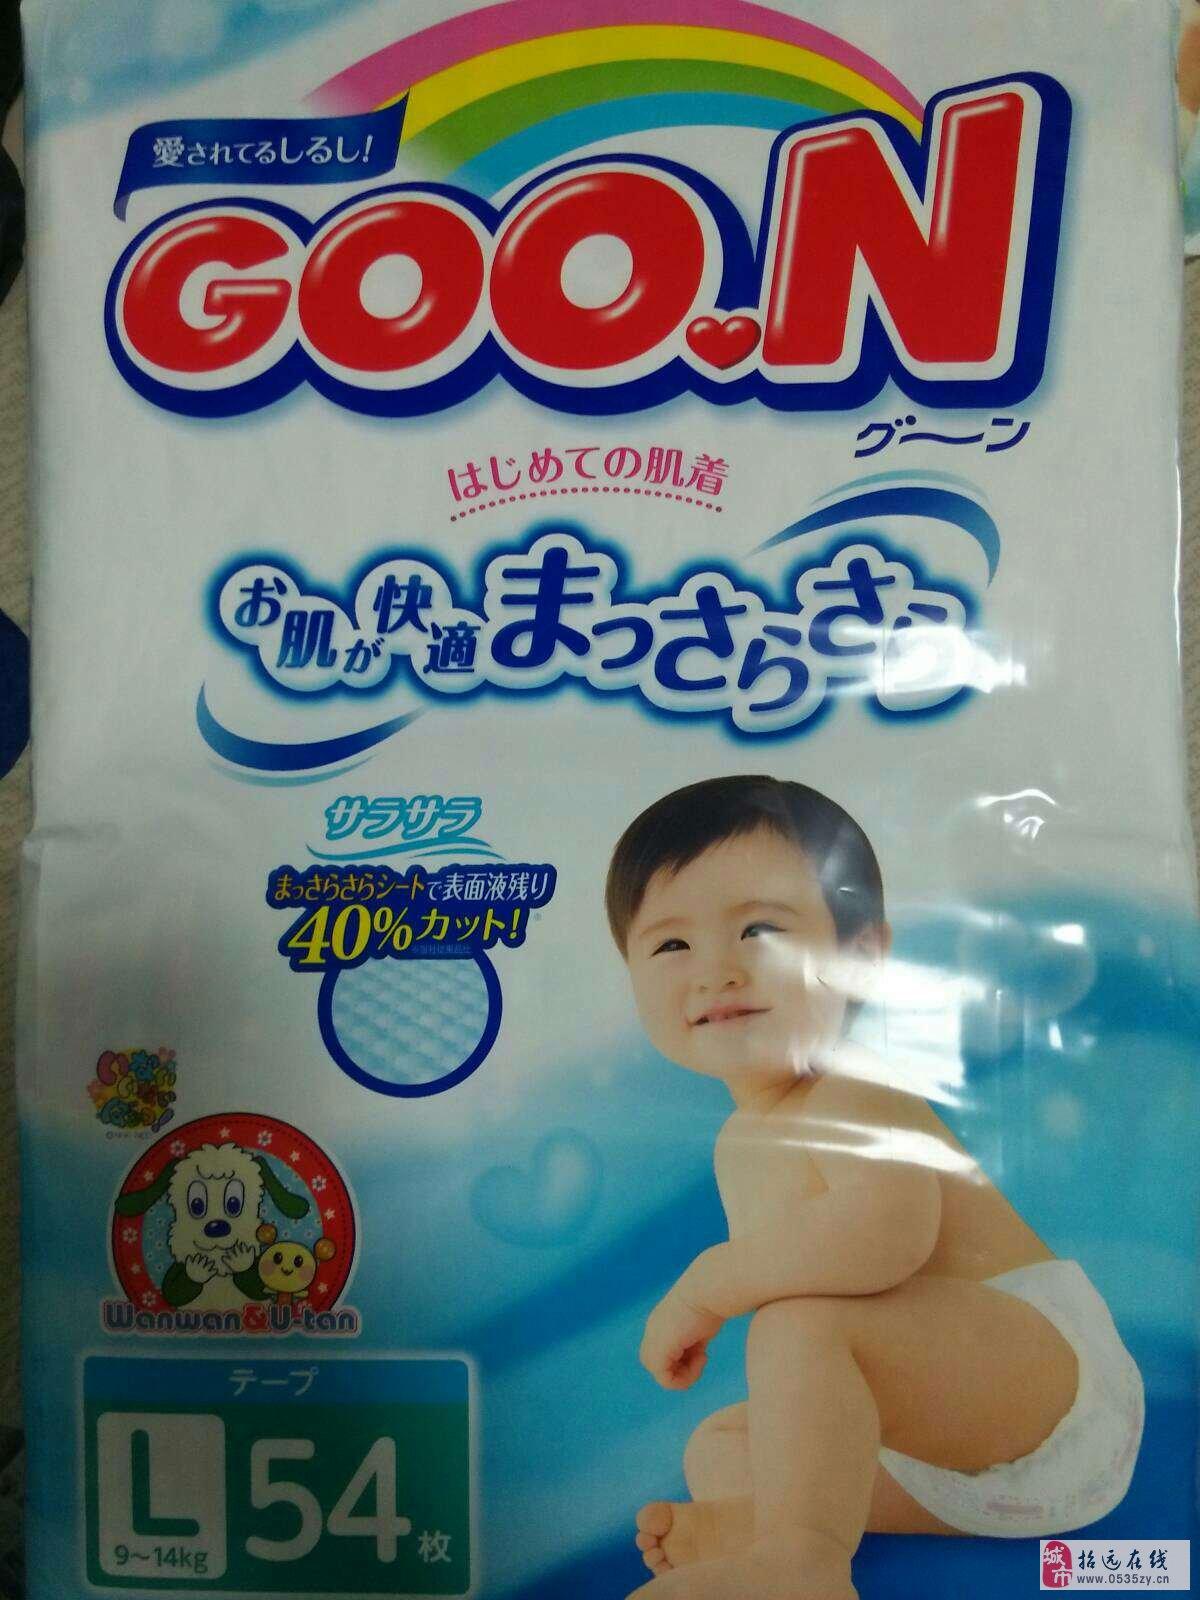 招远本土大王,尤妮佳L码纸尿裤出售